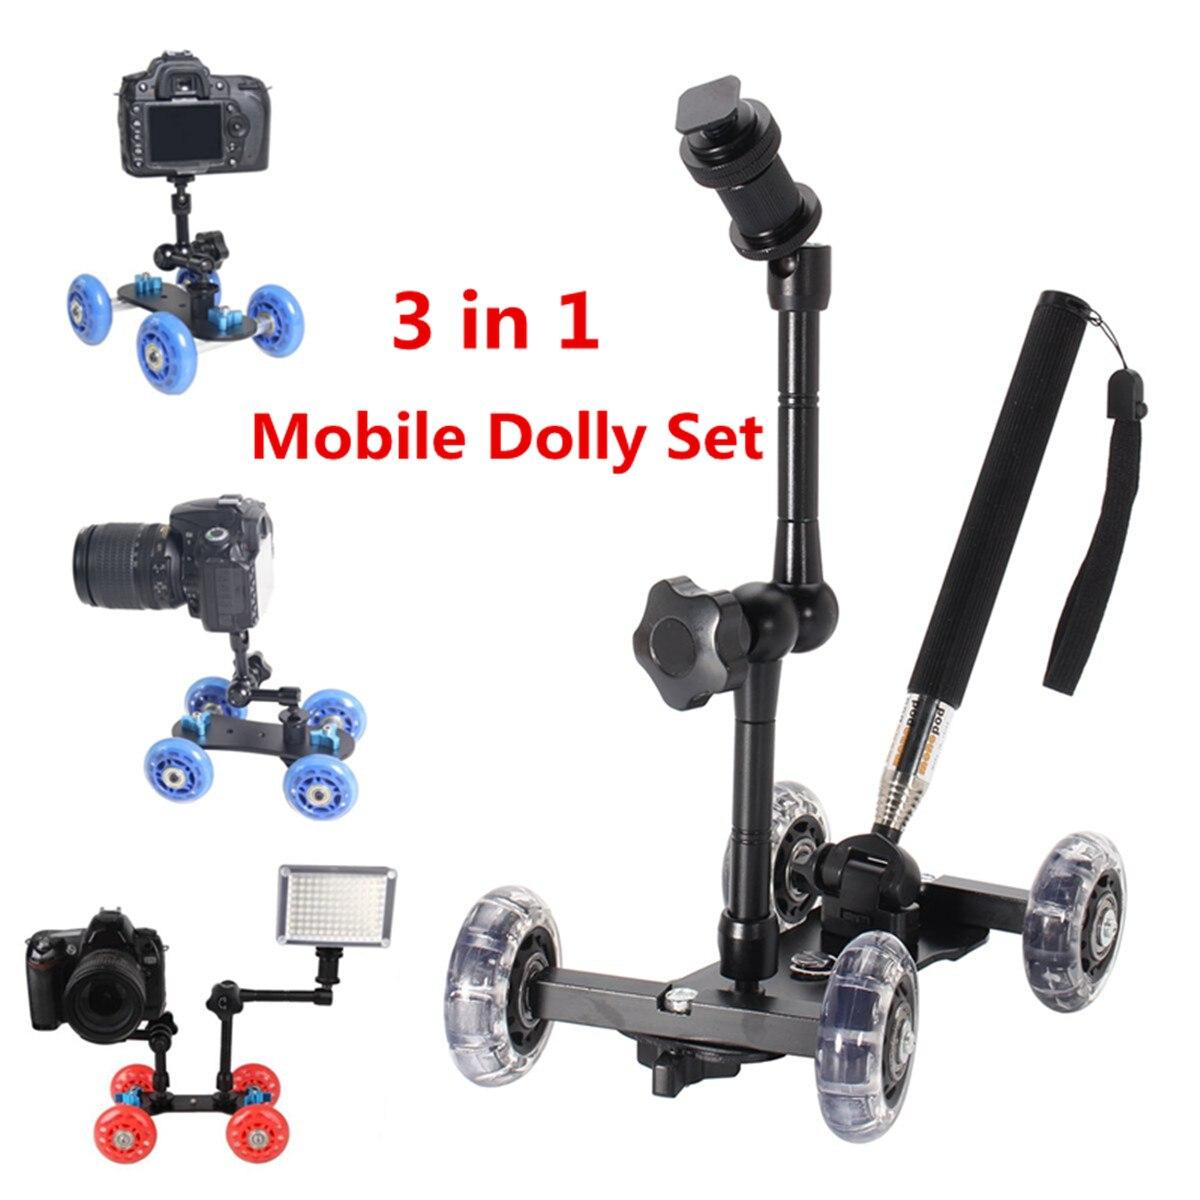 Mesa de la cámara de vídeo ruedas material rodante ferroviario pista deslizante Dolly coche deslizamiento de estabilizador Skater sistema ferroviario Estudio de foto Accesorios